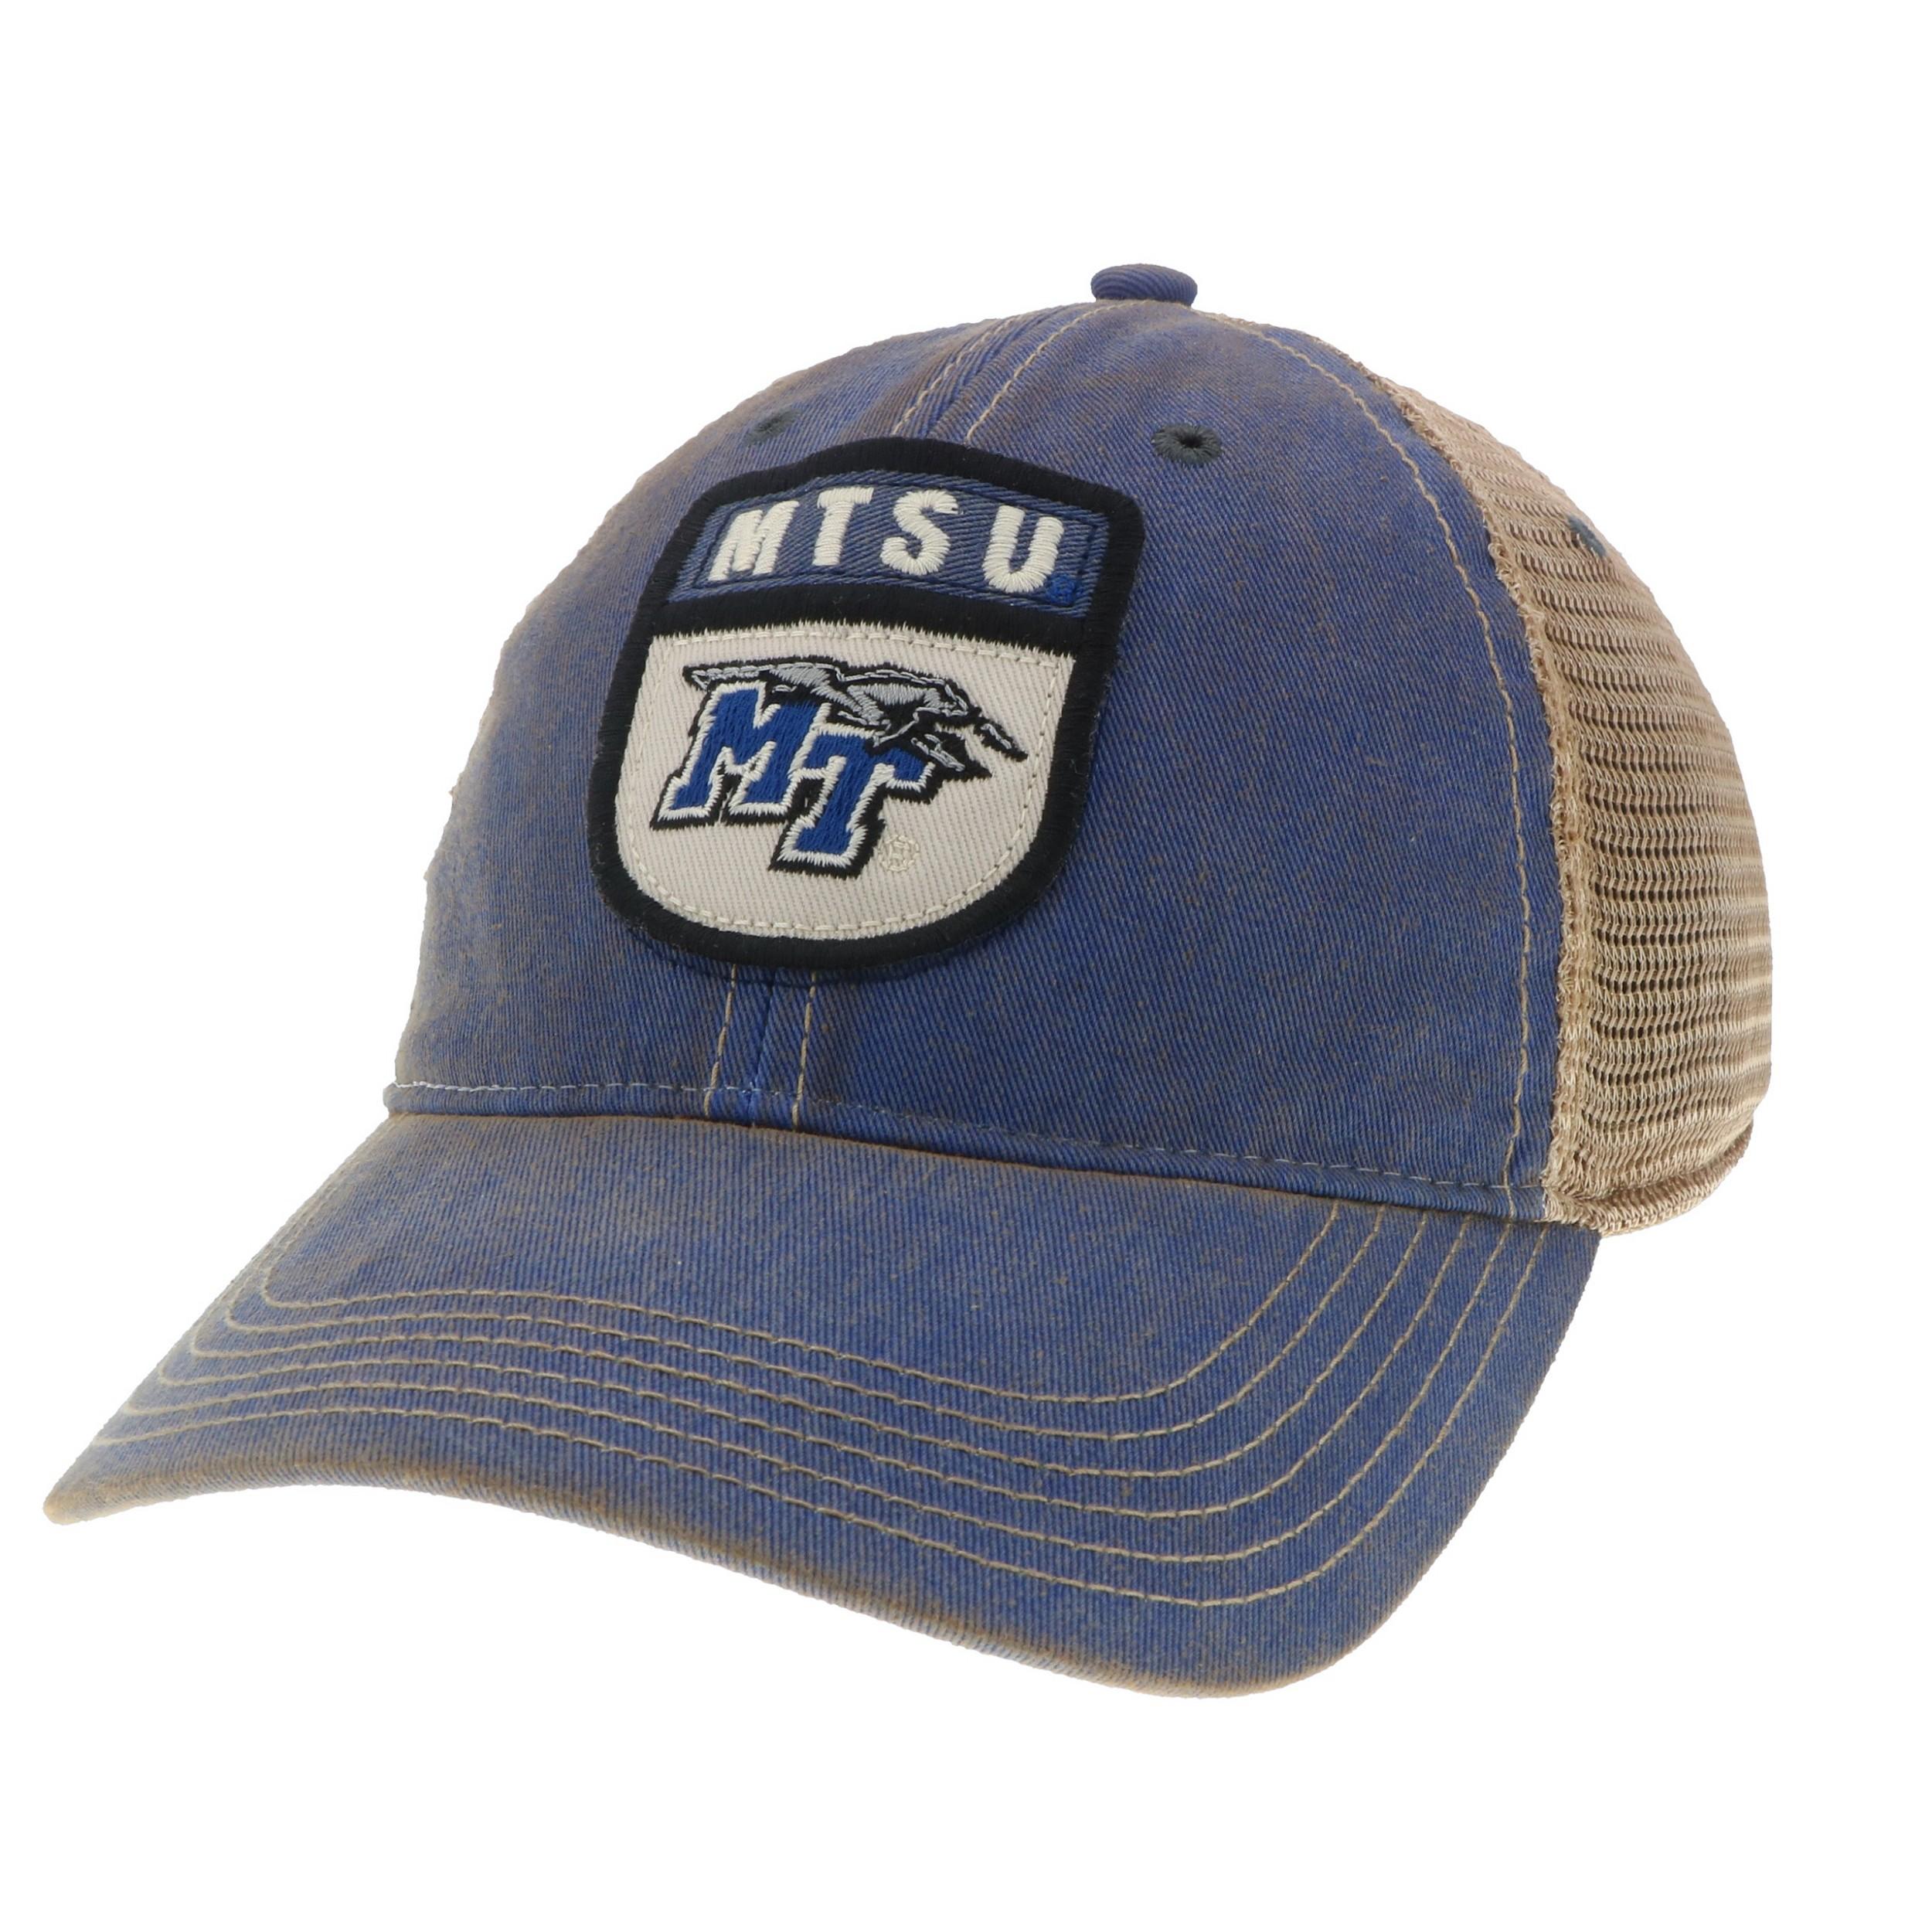 MTSU Prep Patch Old Favorite Trucker Hat